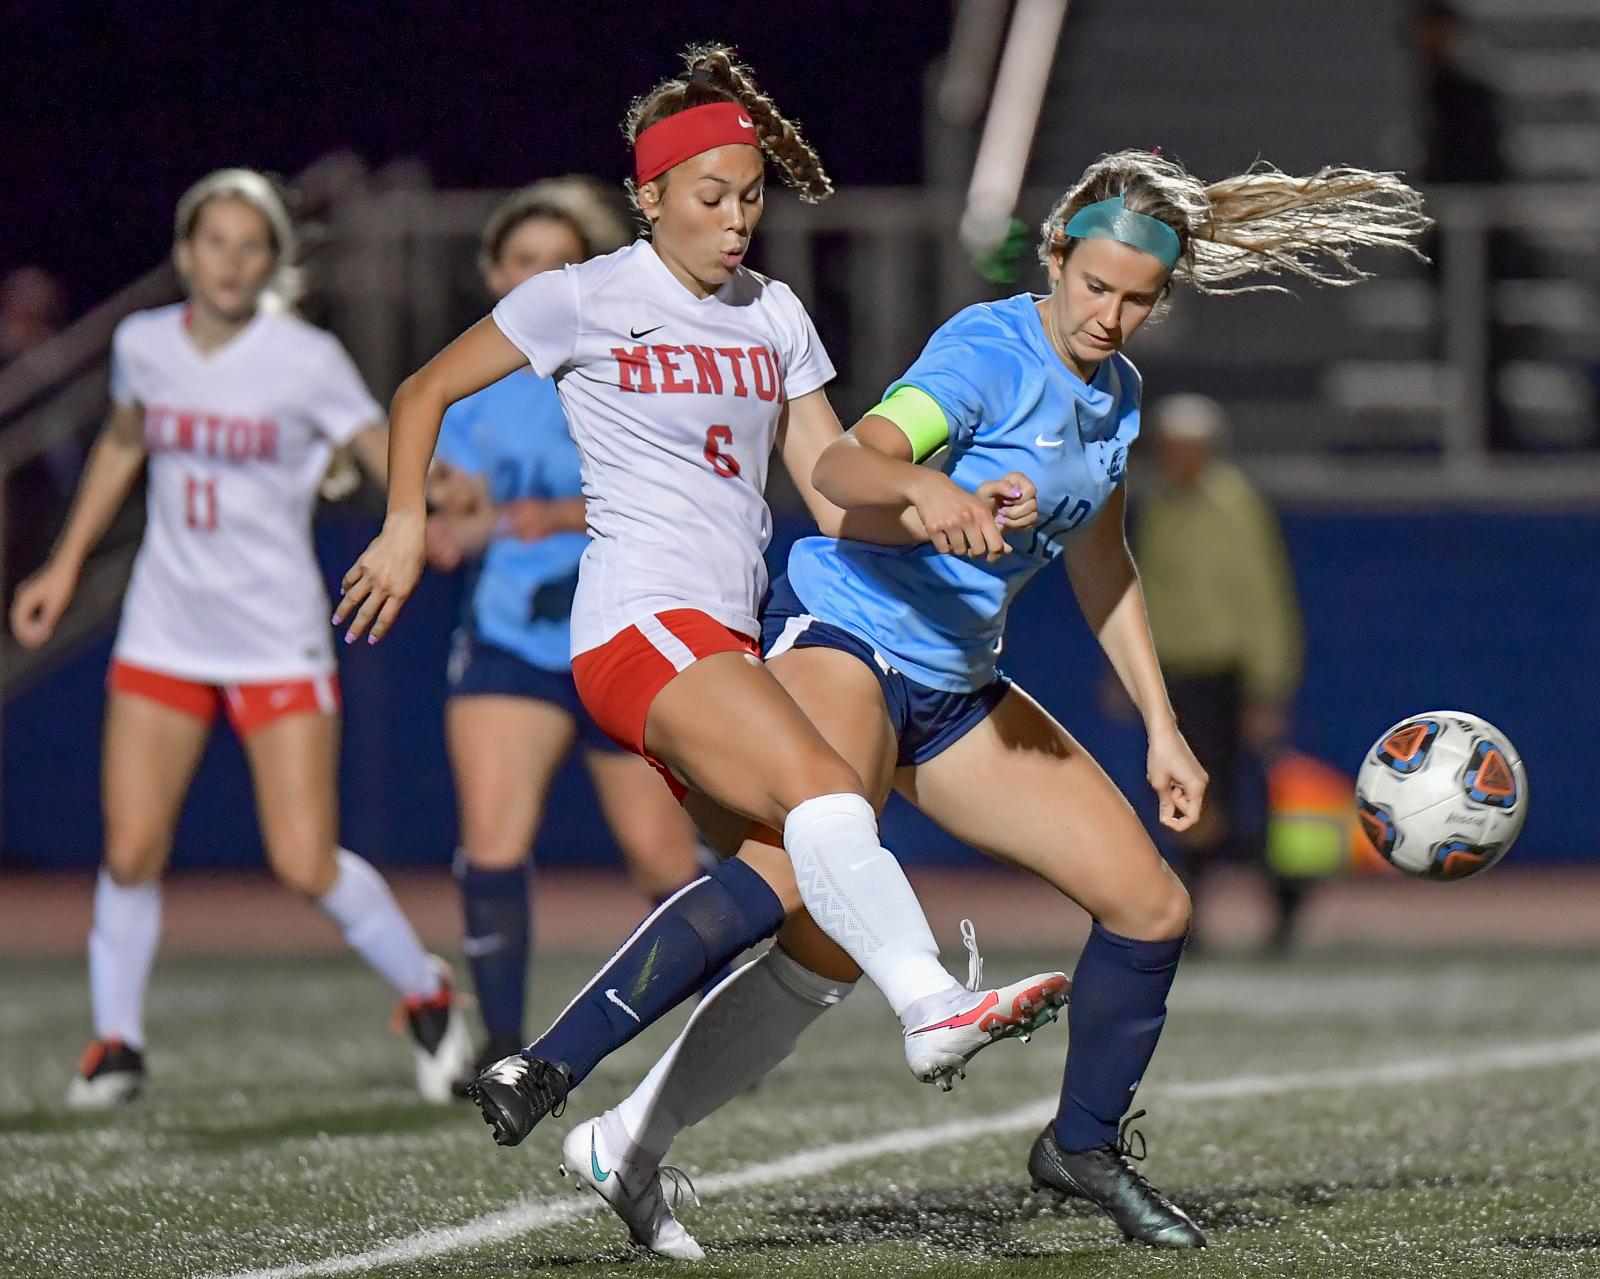 Images From Hudson Girls Soccer vs Mentor